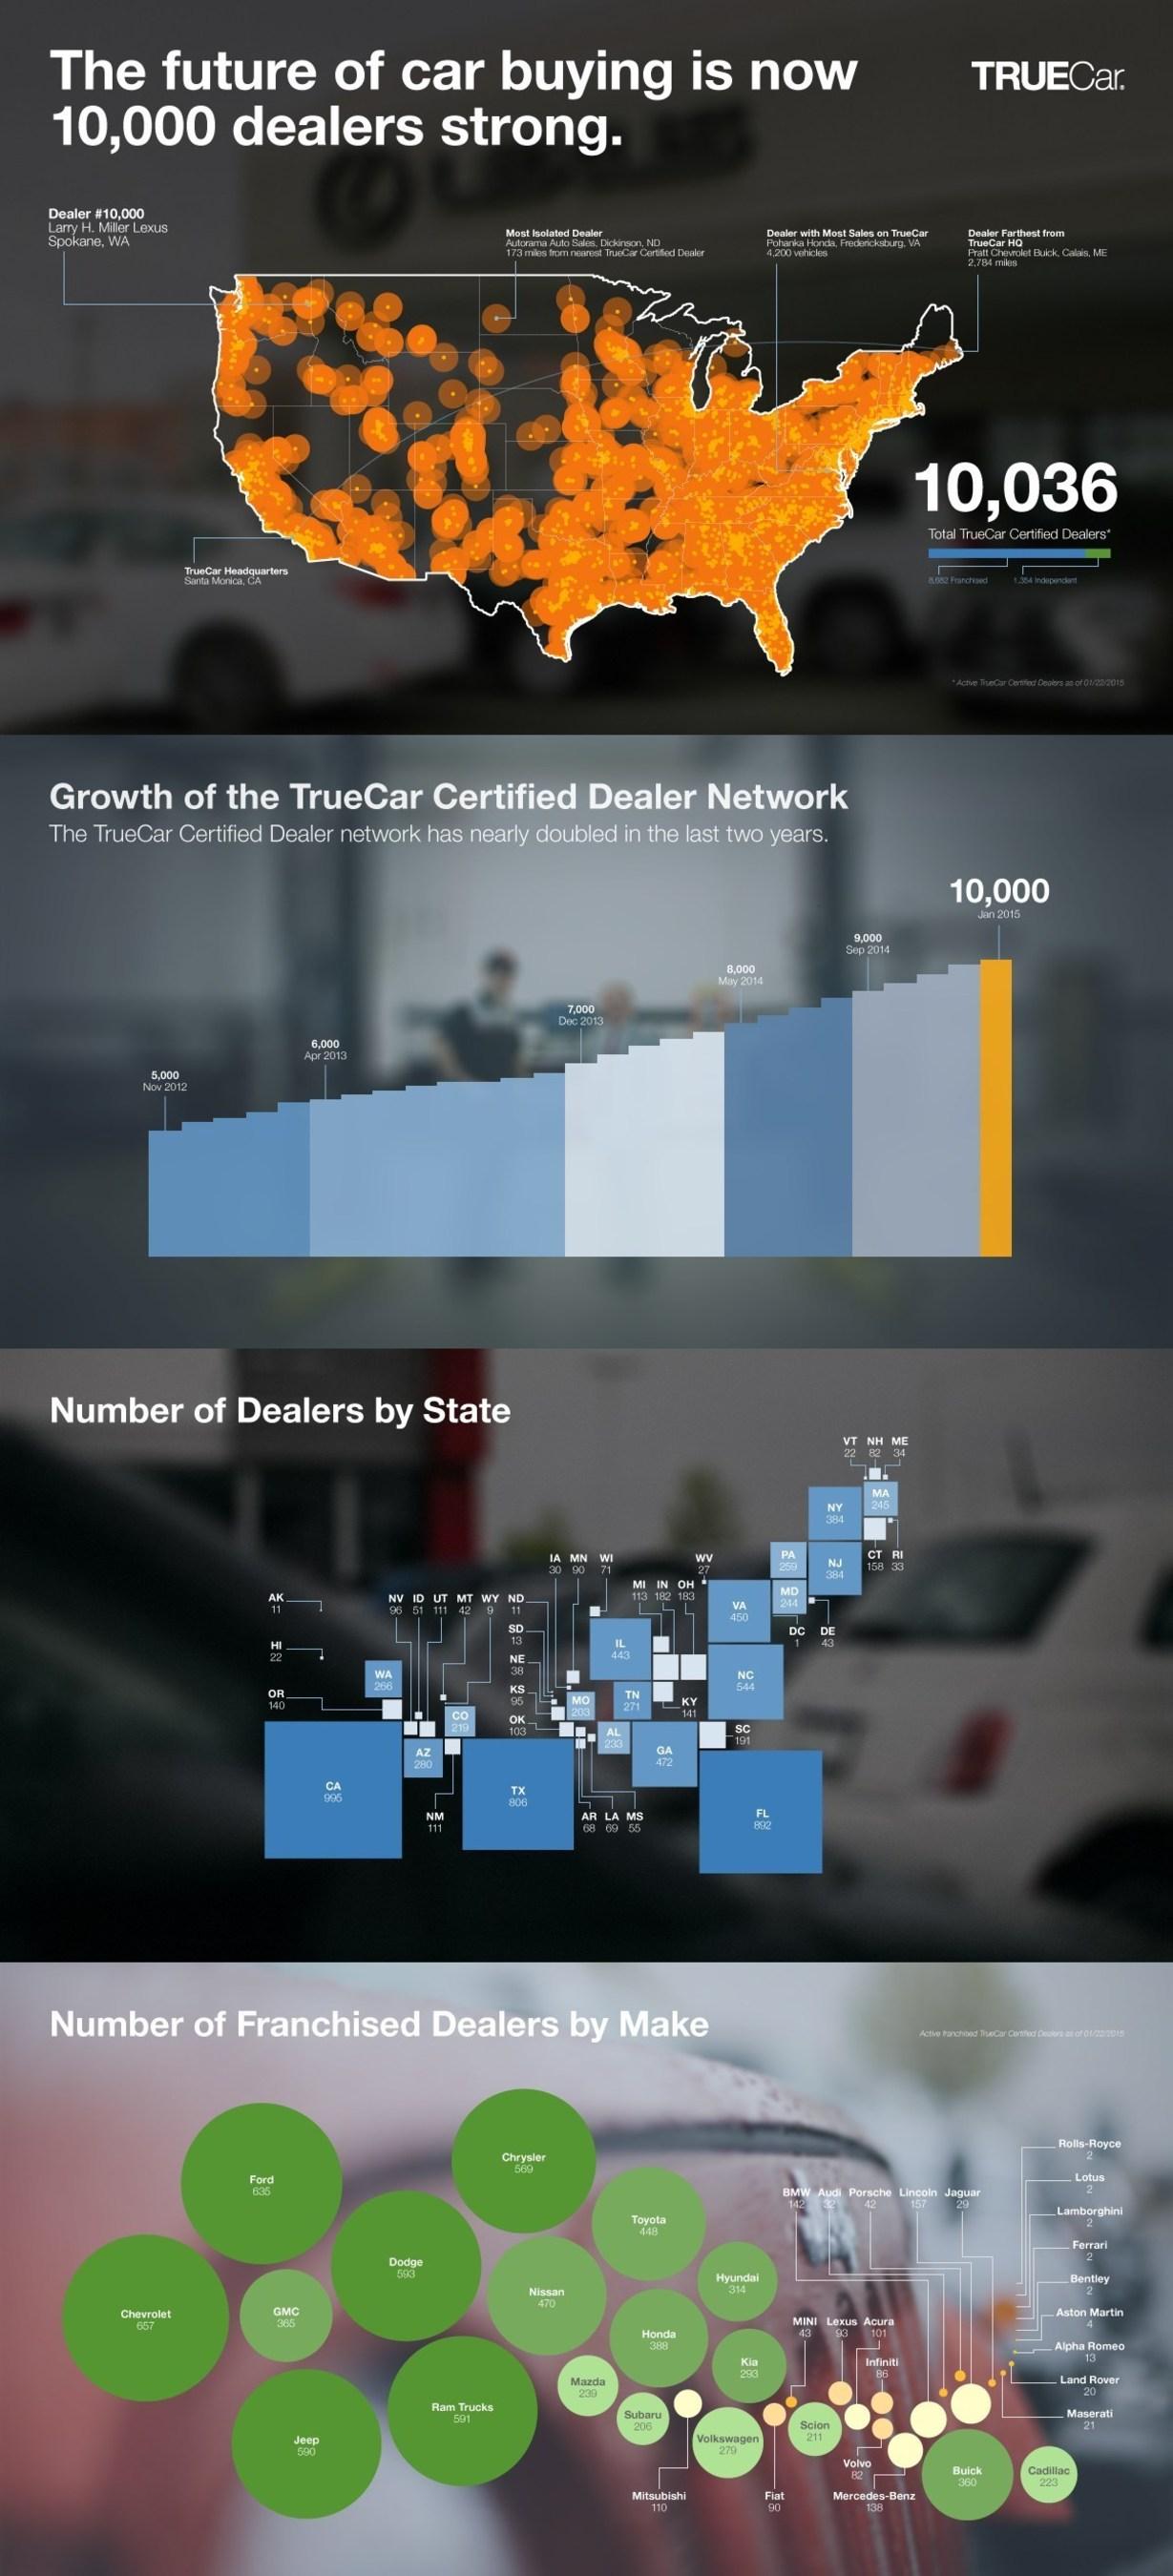 TrueCar dealer network count surpasses 10,000